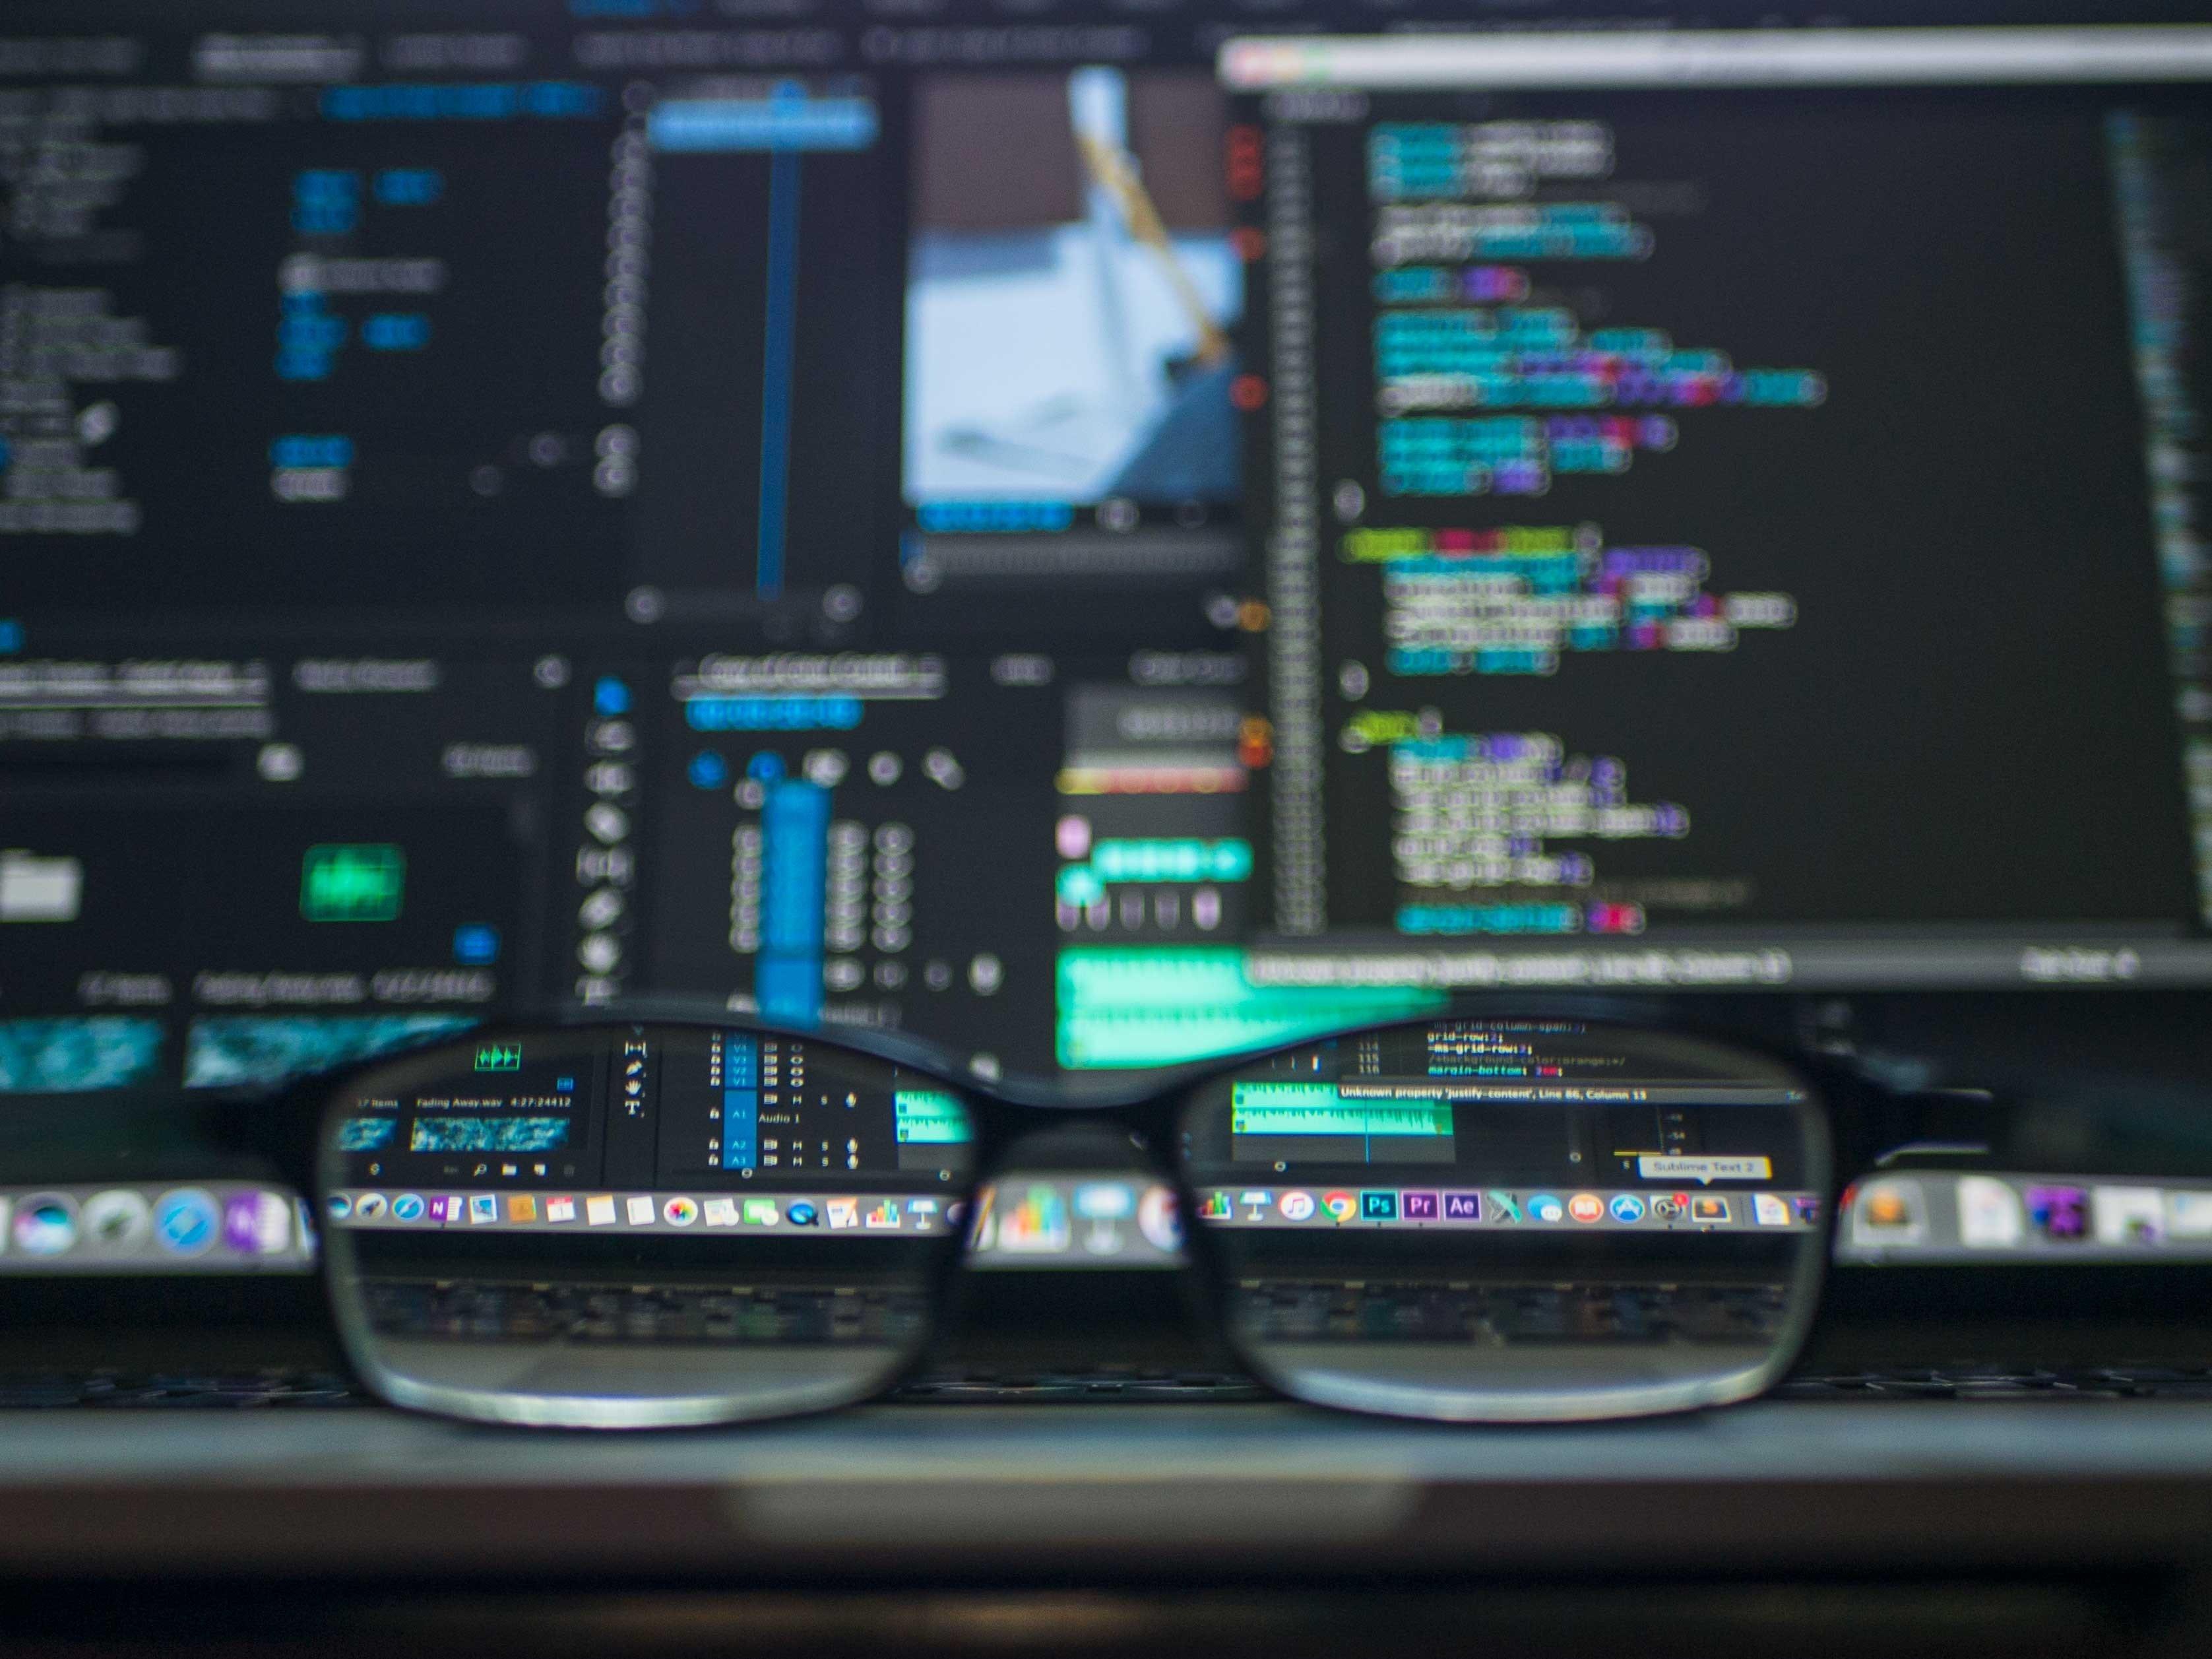 Ofgem и правительство Великобритании представили стратегии цифровизации энергетики и интеллектуальных технологий